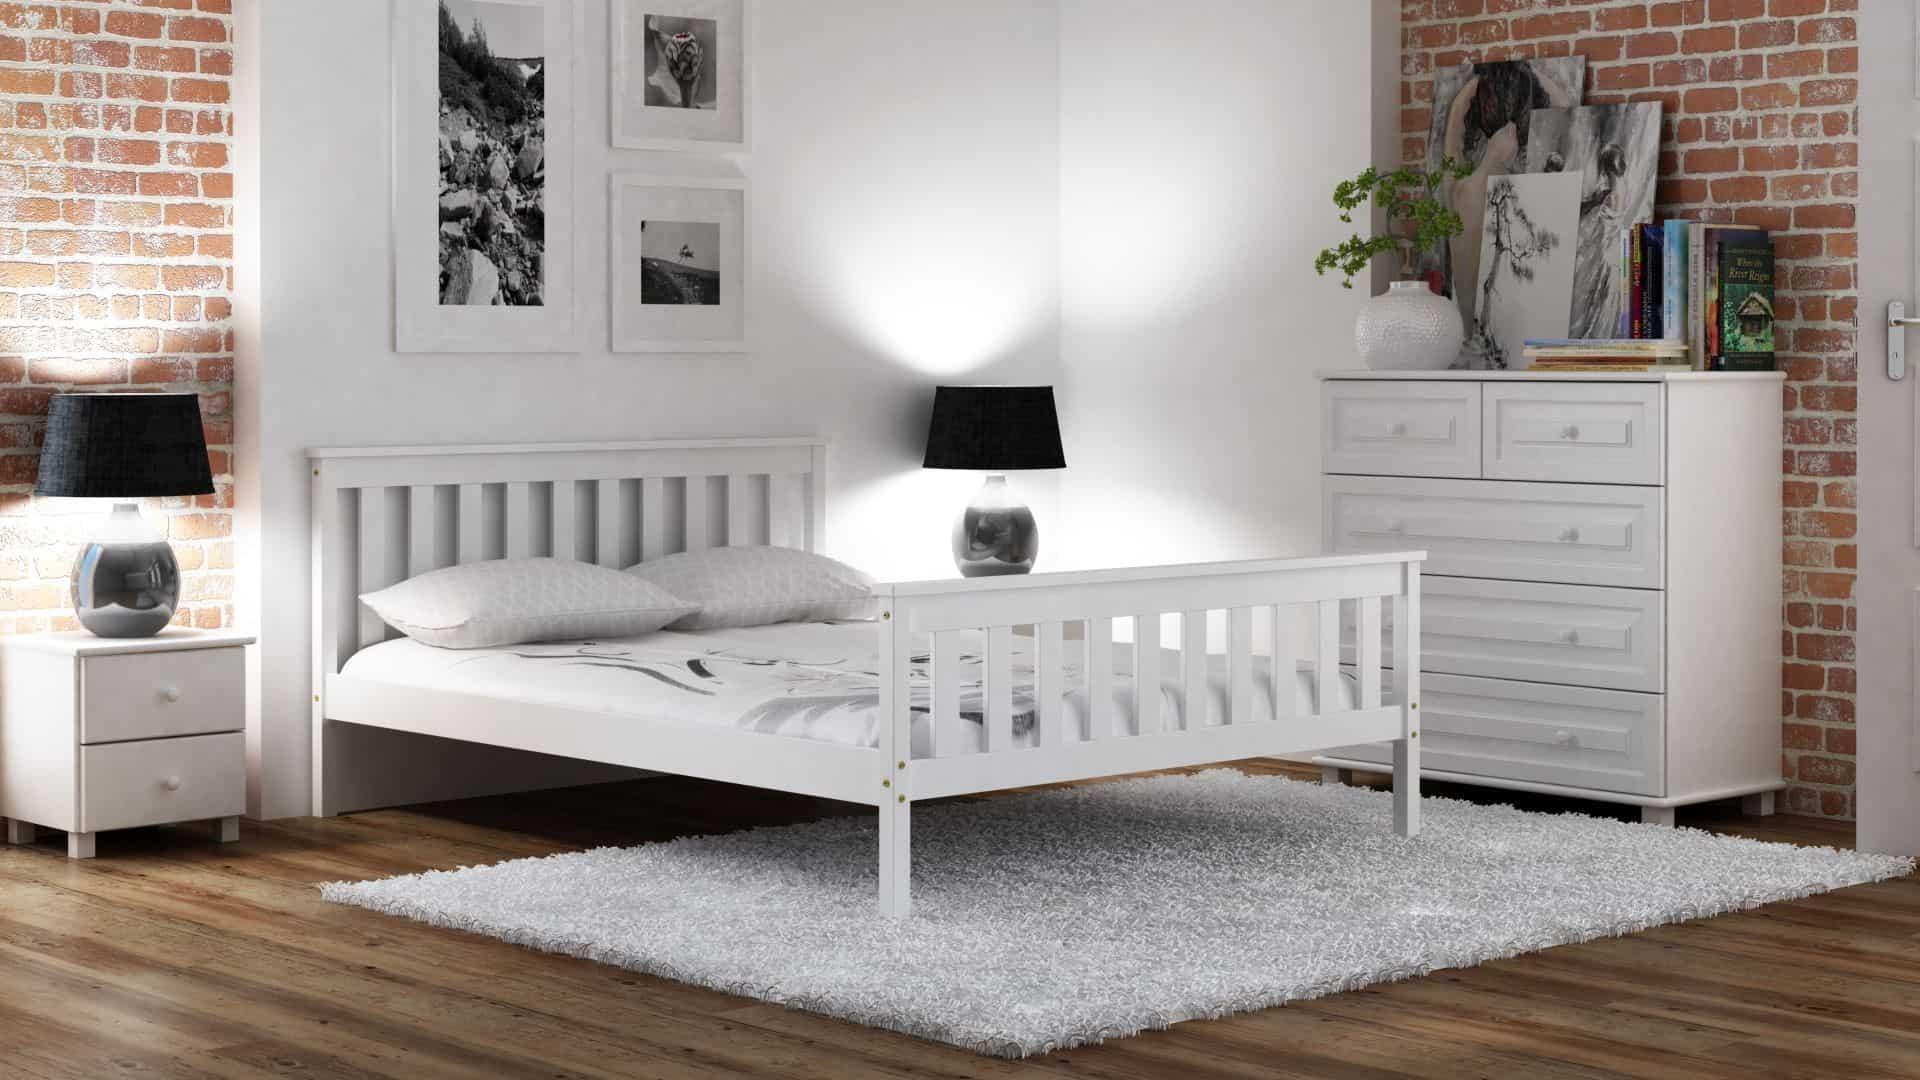 Jak wybrać kolor łóżka do minimalistycznej sypialni?